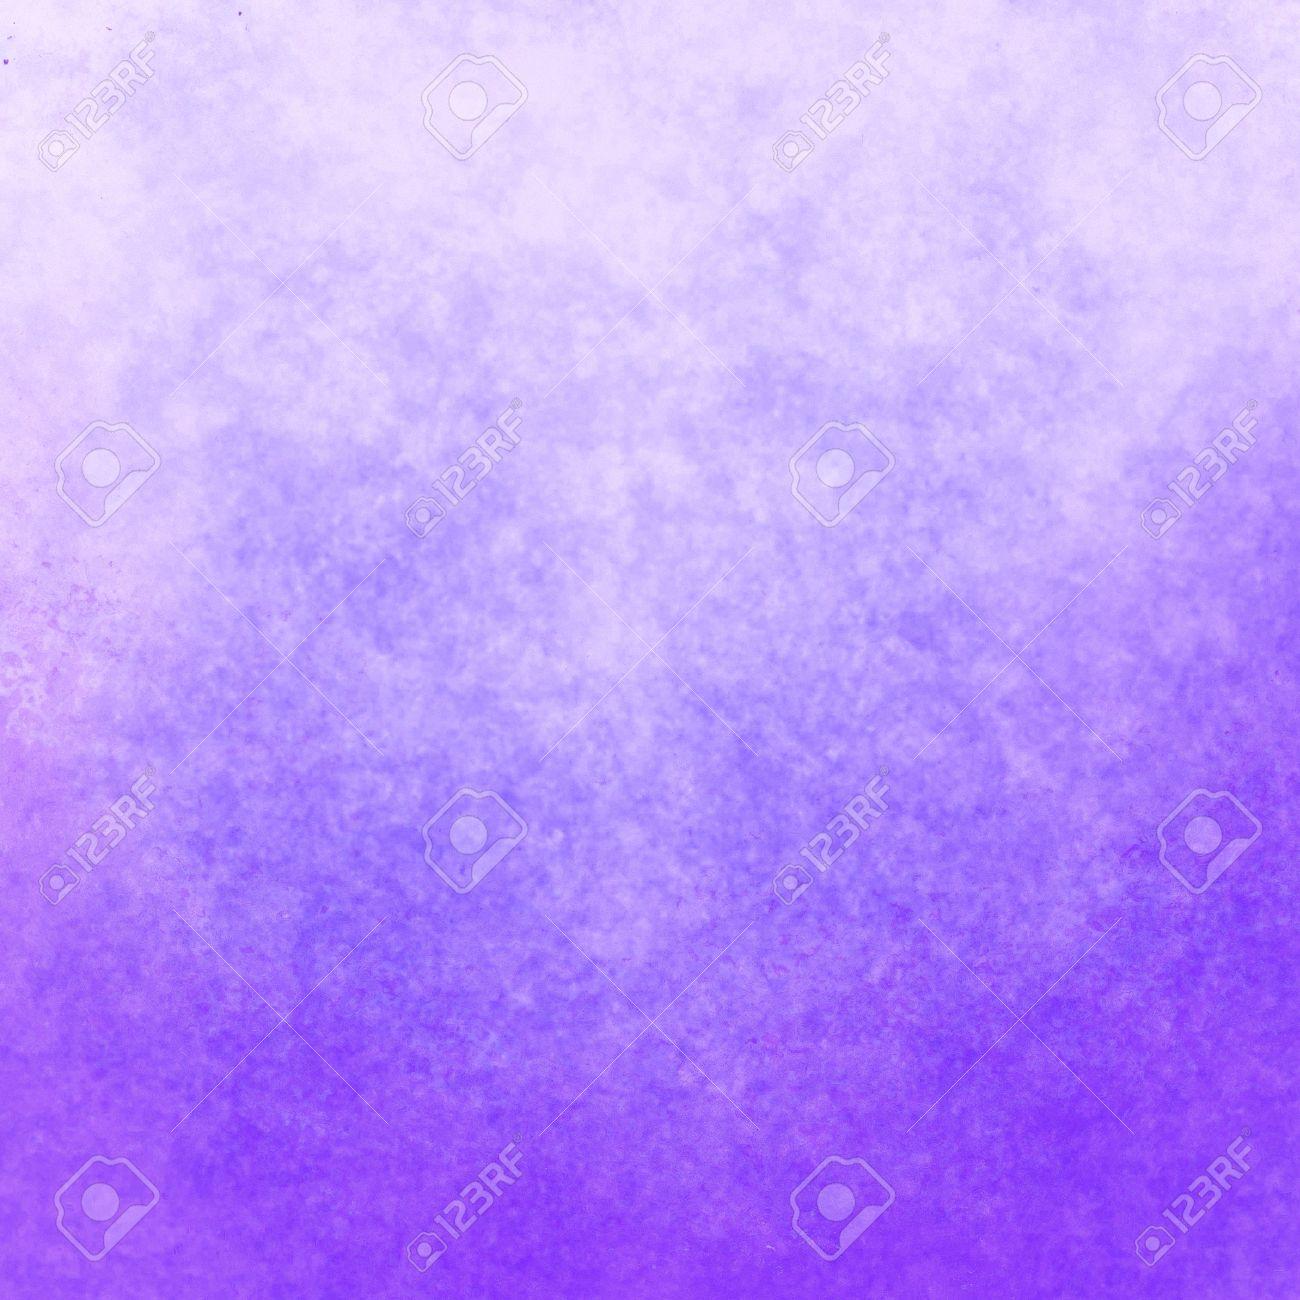 Fond Violet Clair Chic Avec Pastel Bordure Supérieure Et Dégradé